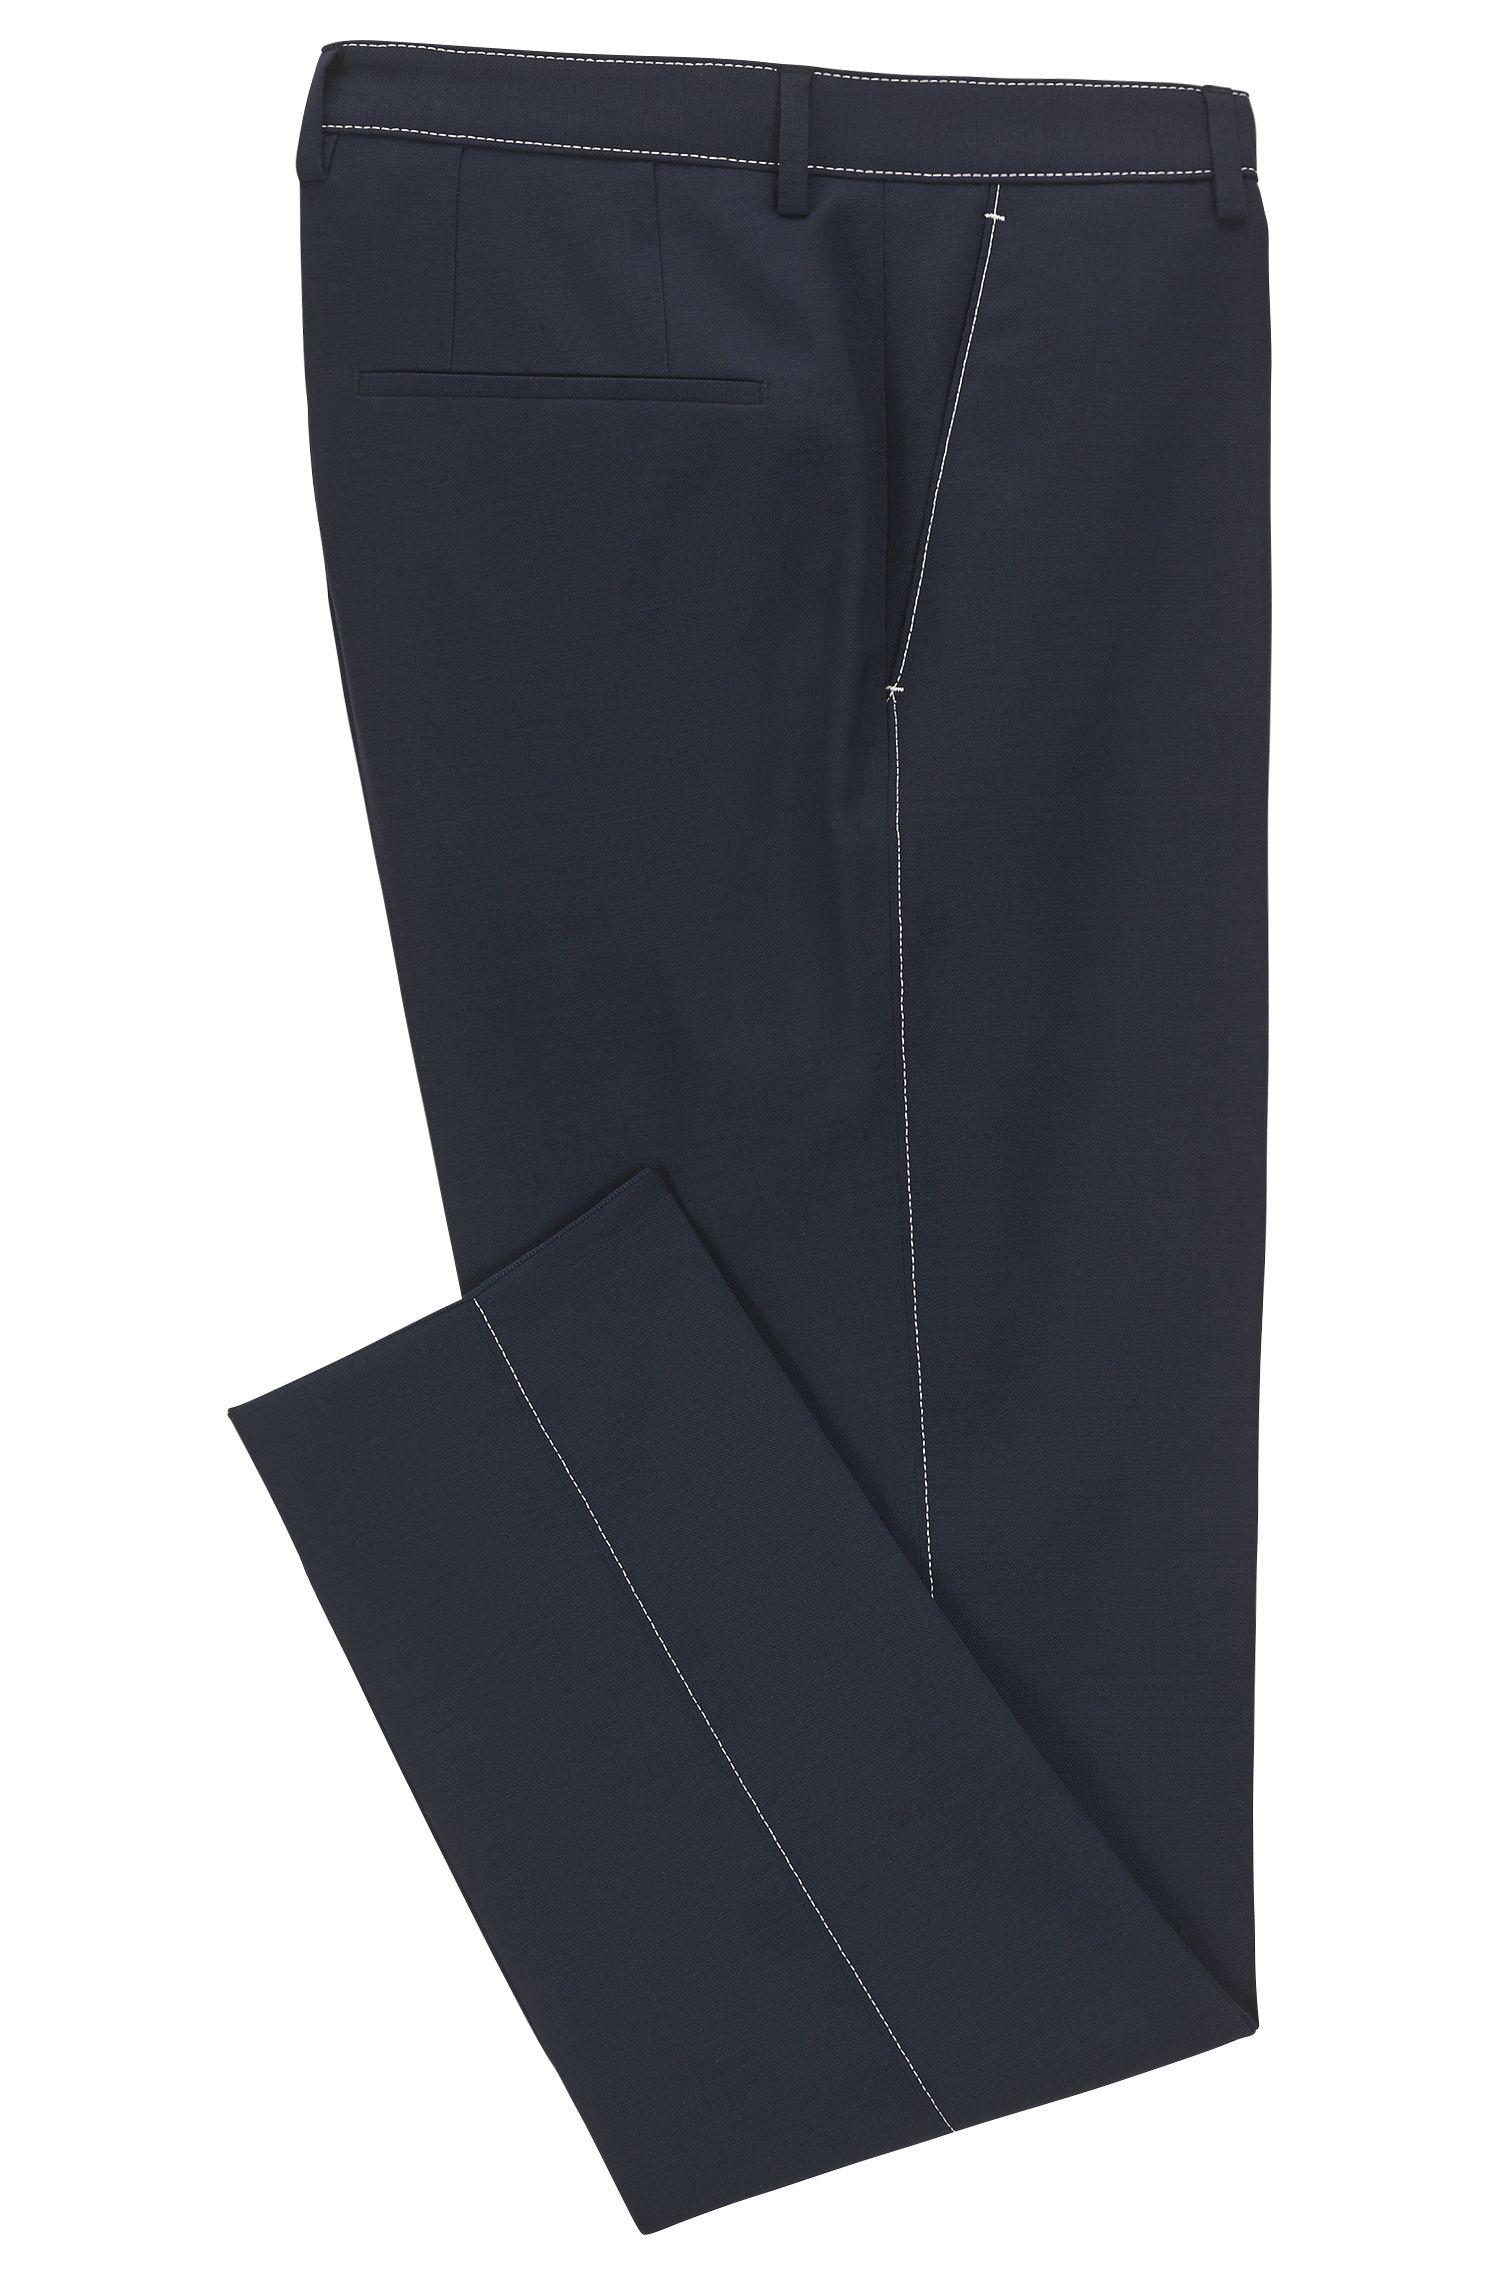 Virgin Wool Pant, Slim Fit | Pirko, Dark Blue